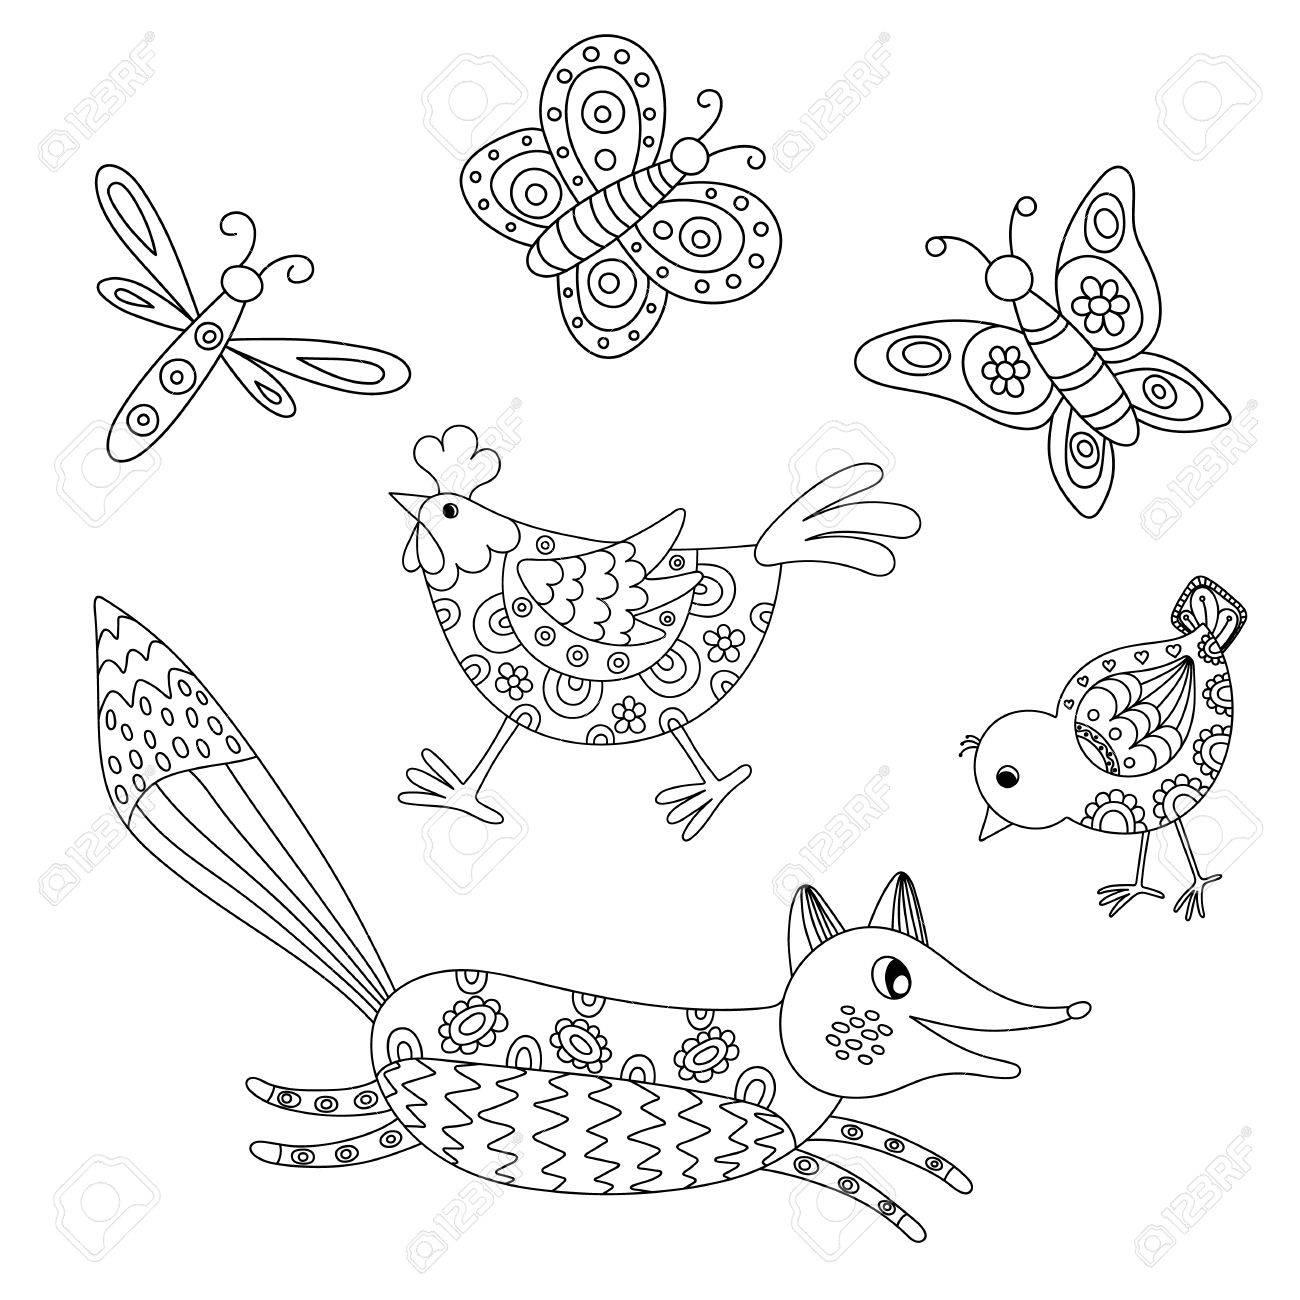 Conjunto De Dibujados A Mano Los Animales Descritos Zorro, Hend ...